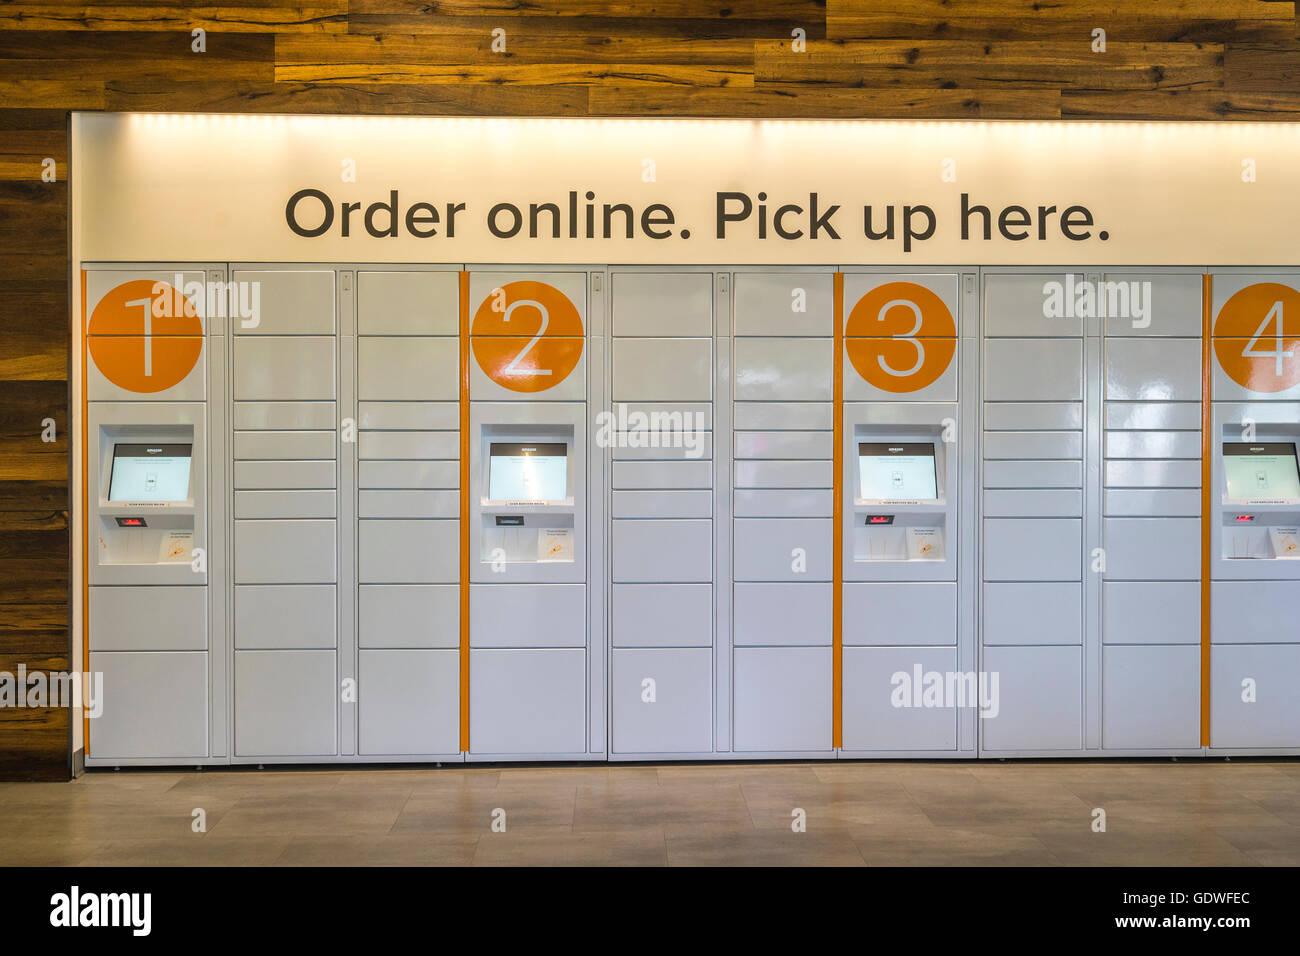 Amazon taquillas para recoger los paquetes ordenados online Imagen De Stock